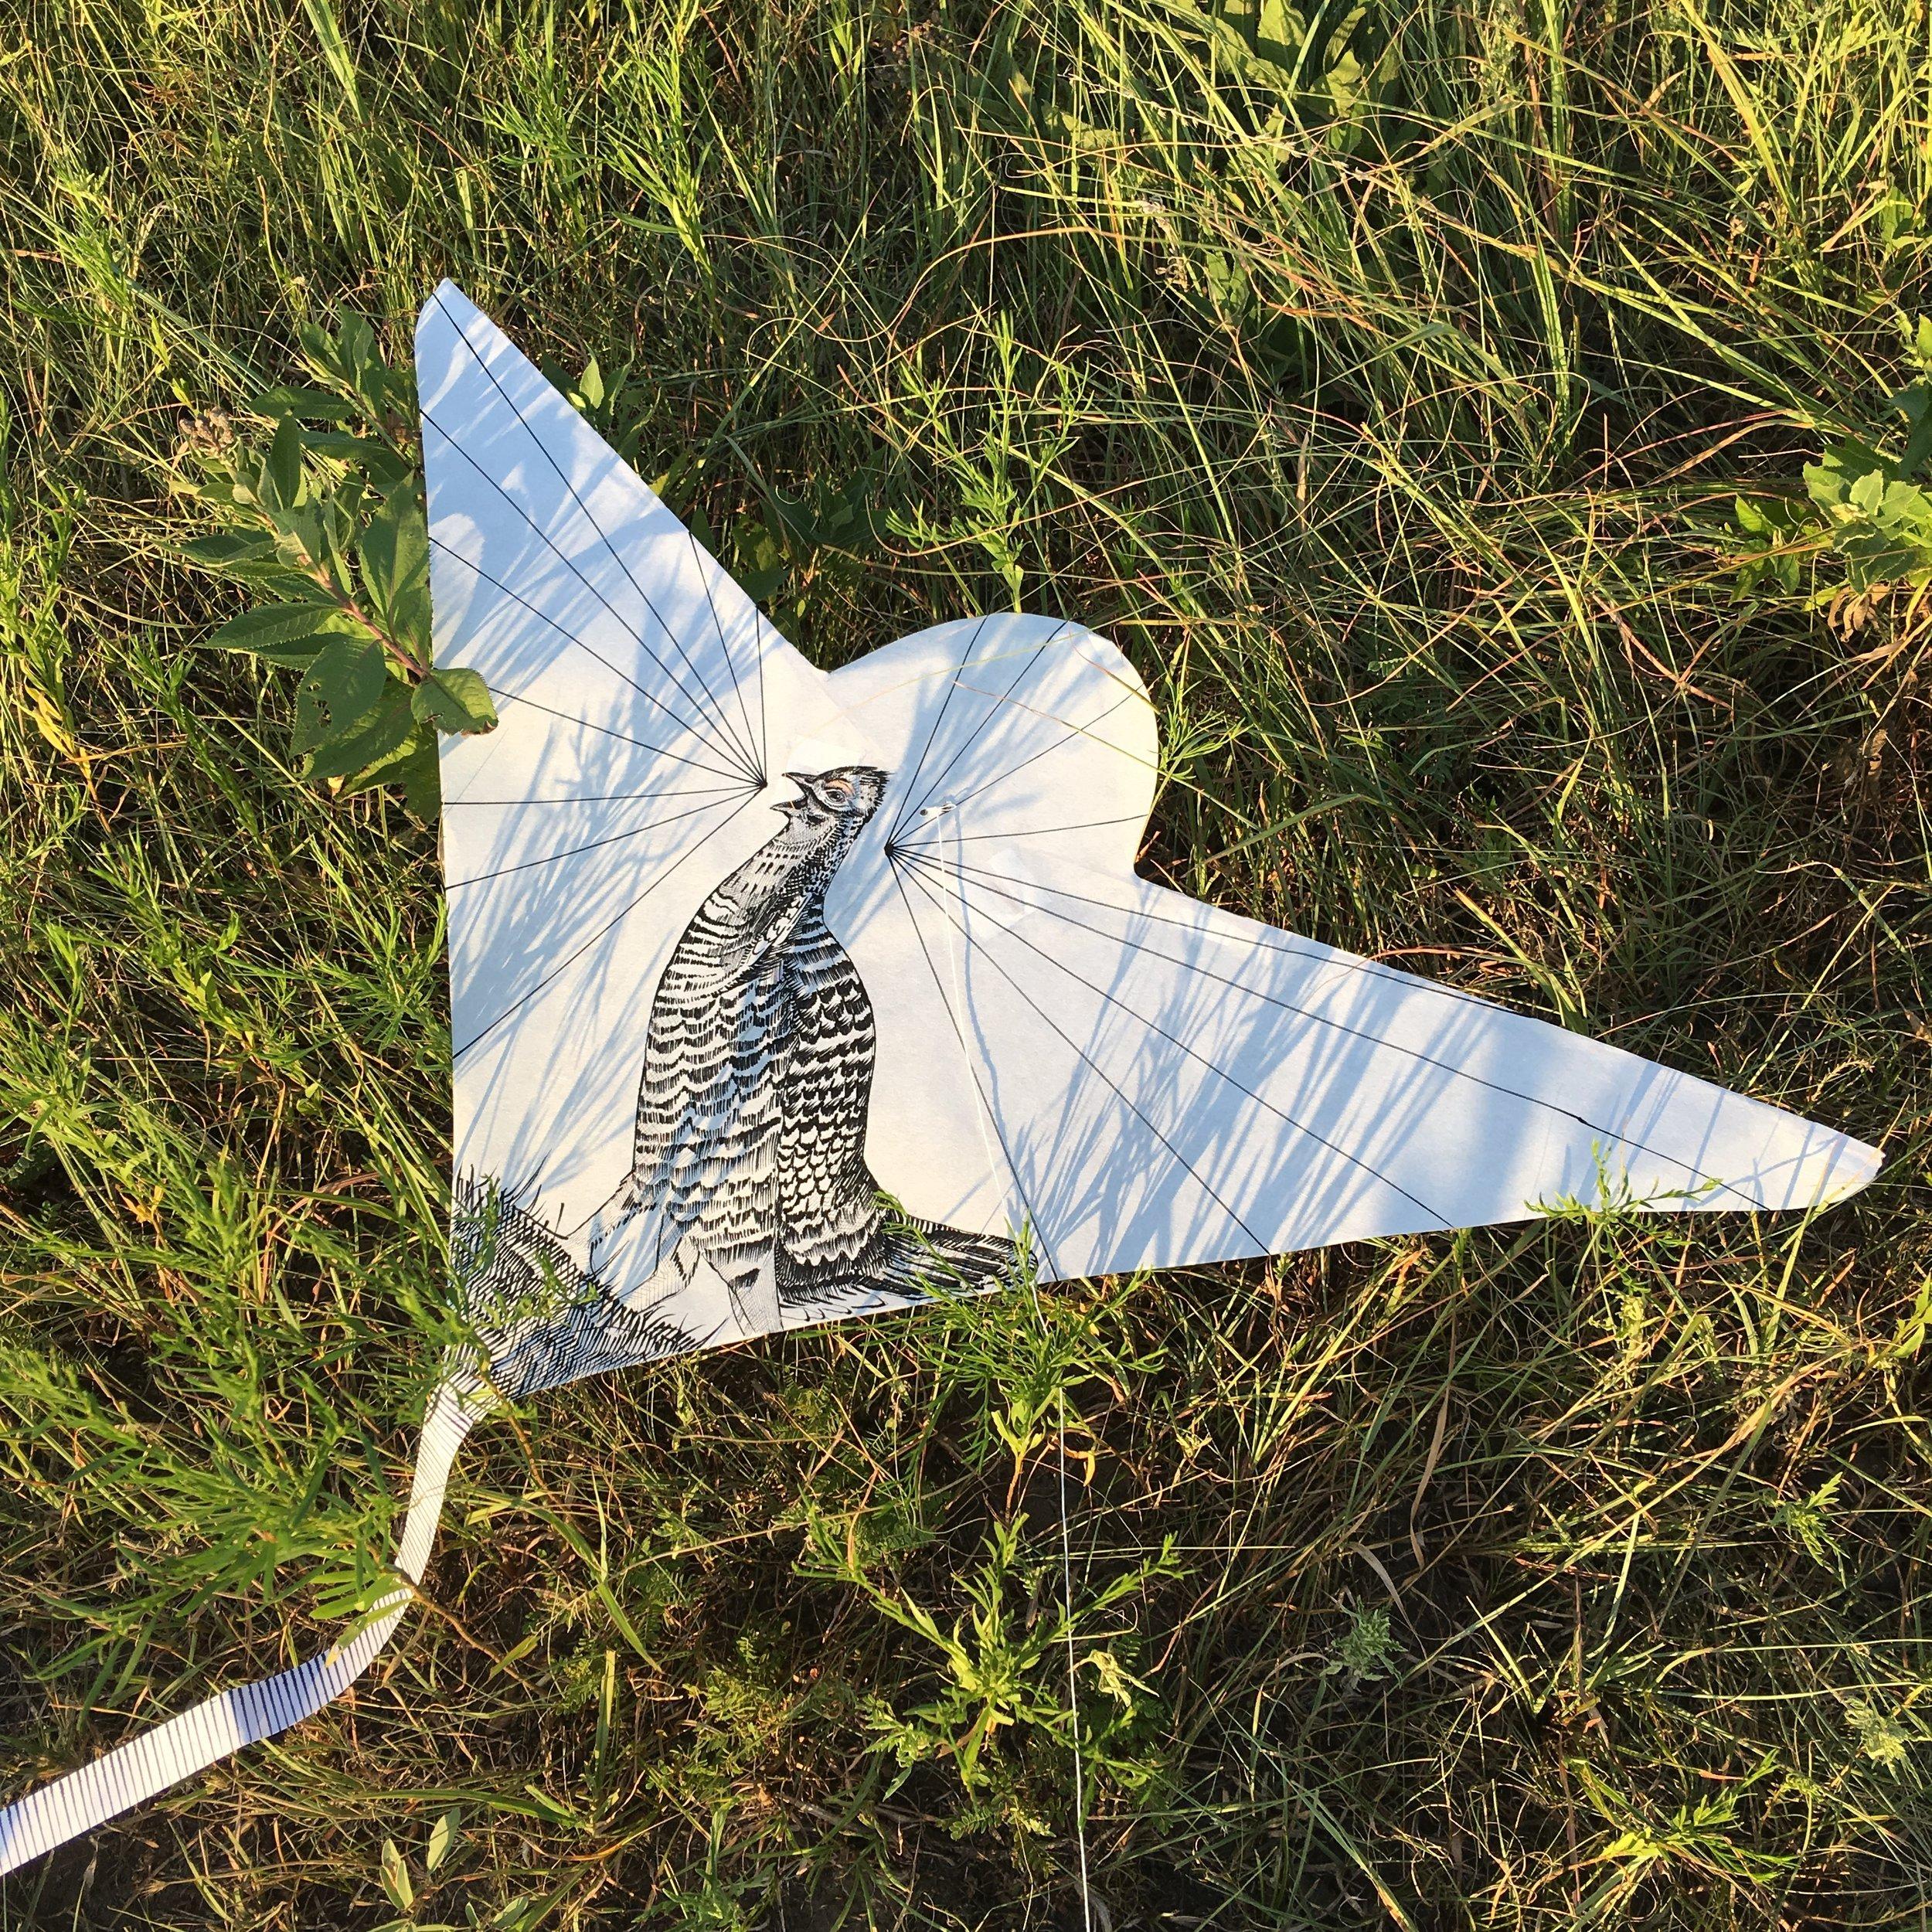 Chicken kite